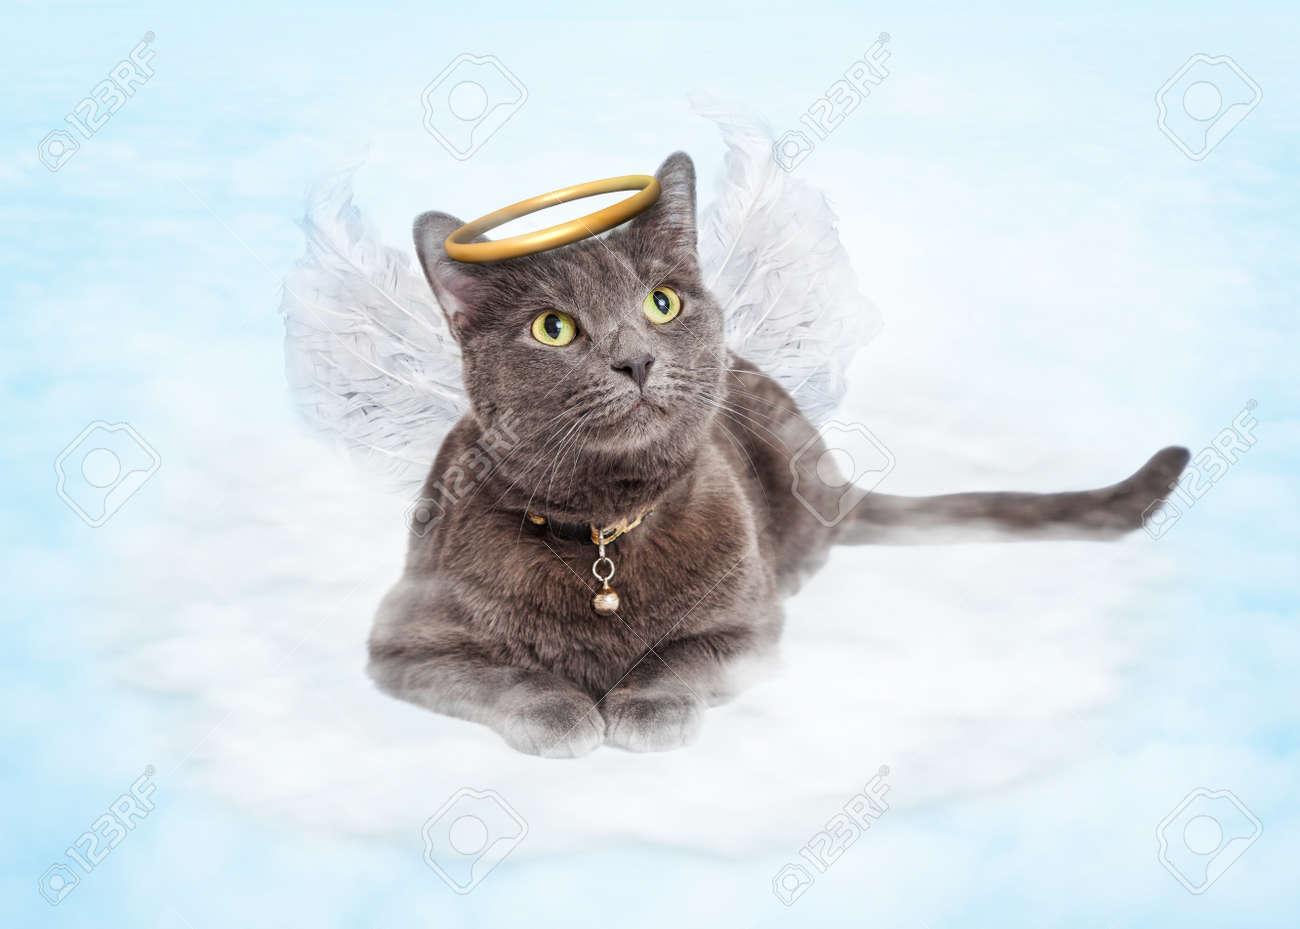 Resultado de imagen para imagen de gato con aureola